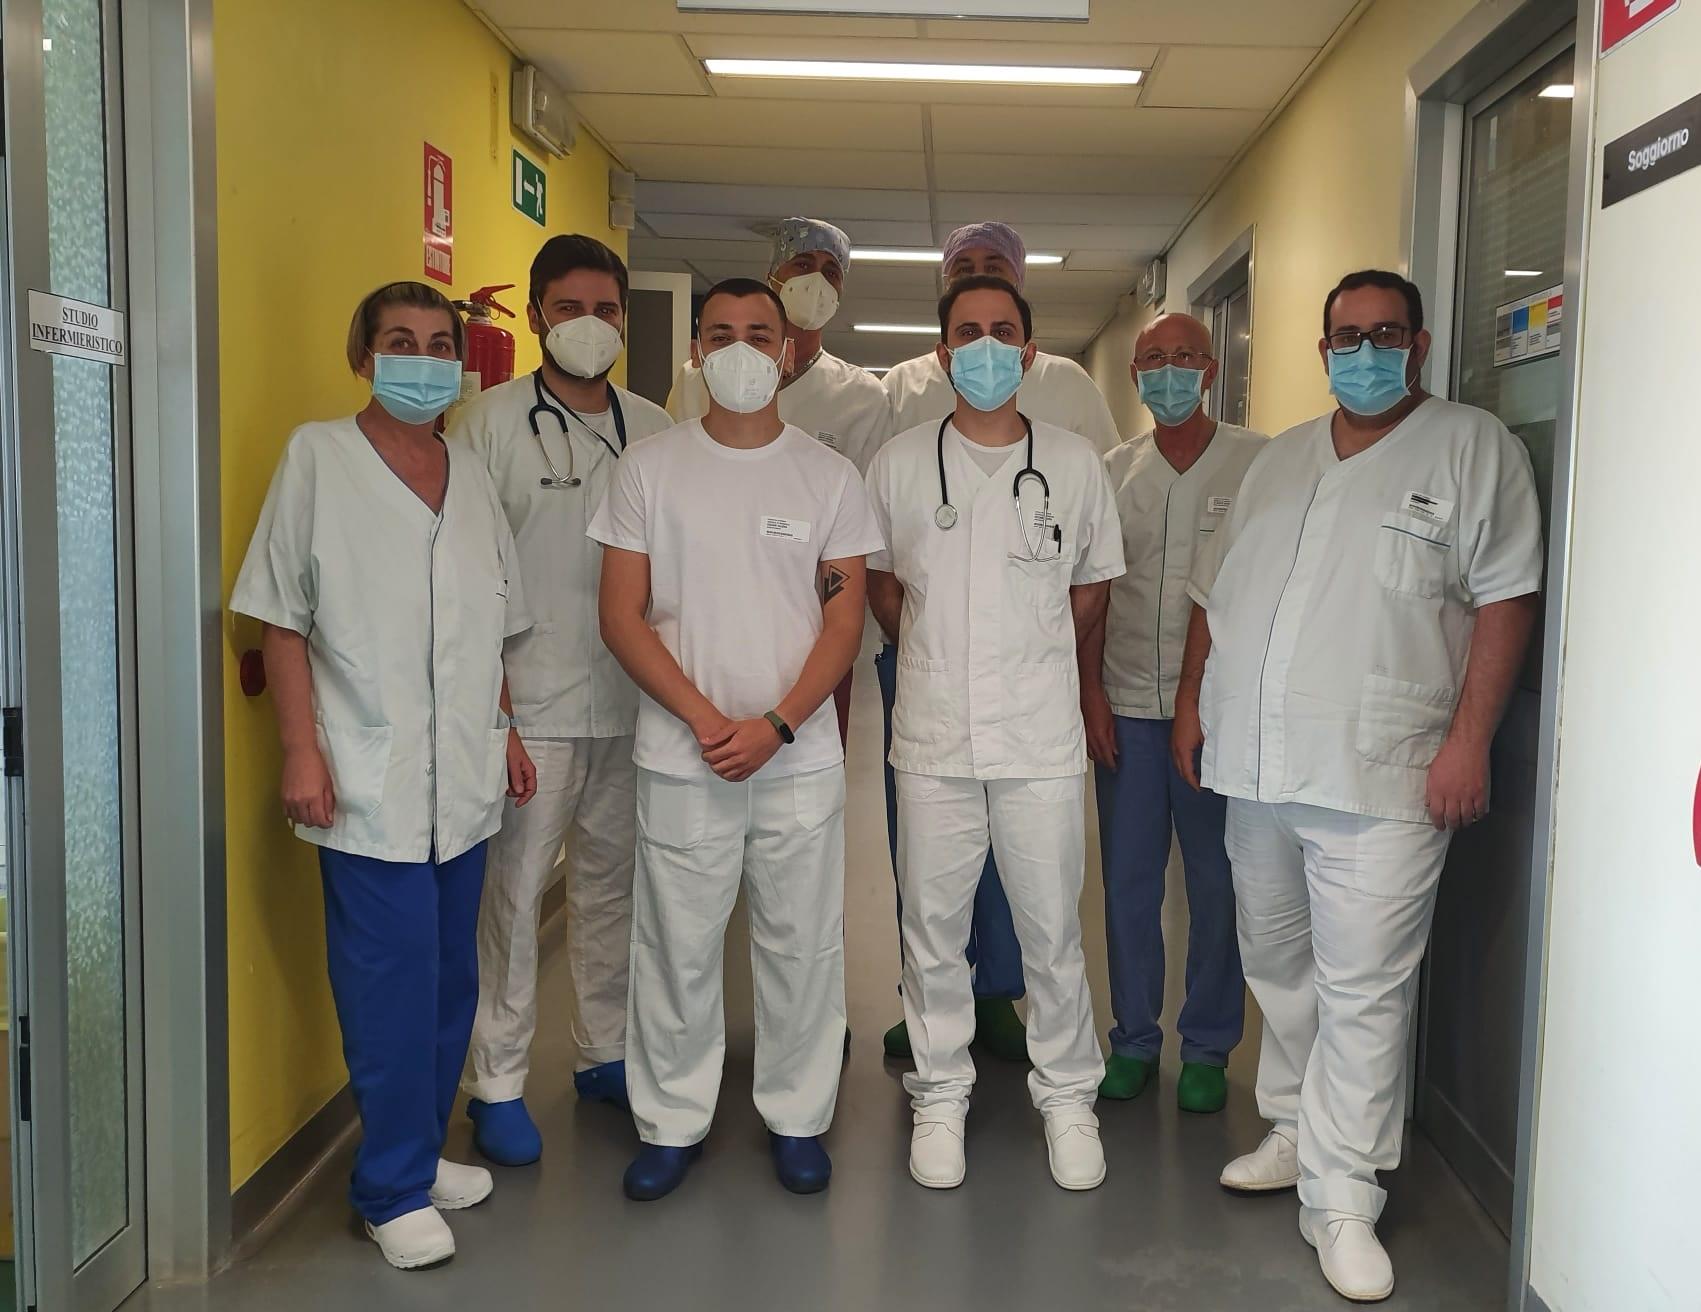 Ospedale di Mirandola Covid free